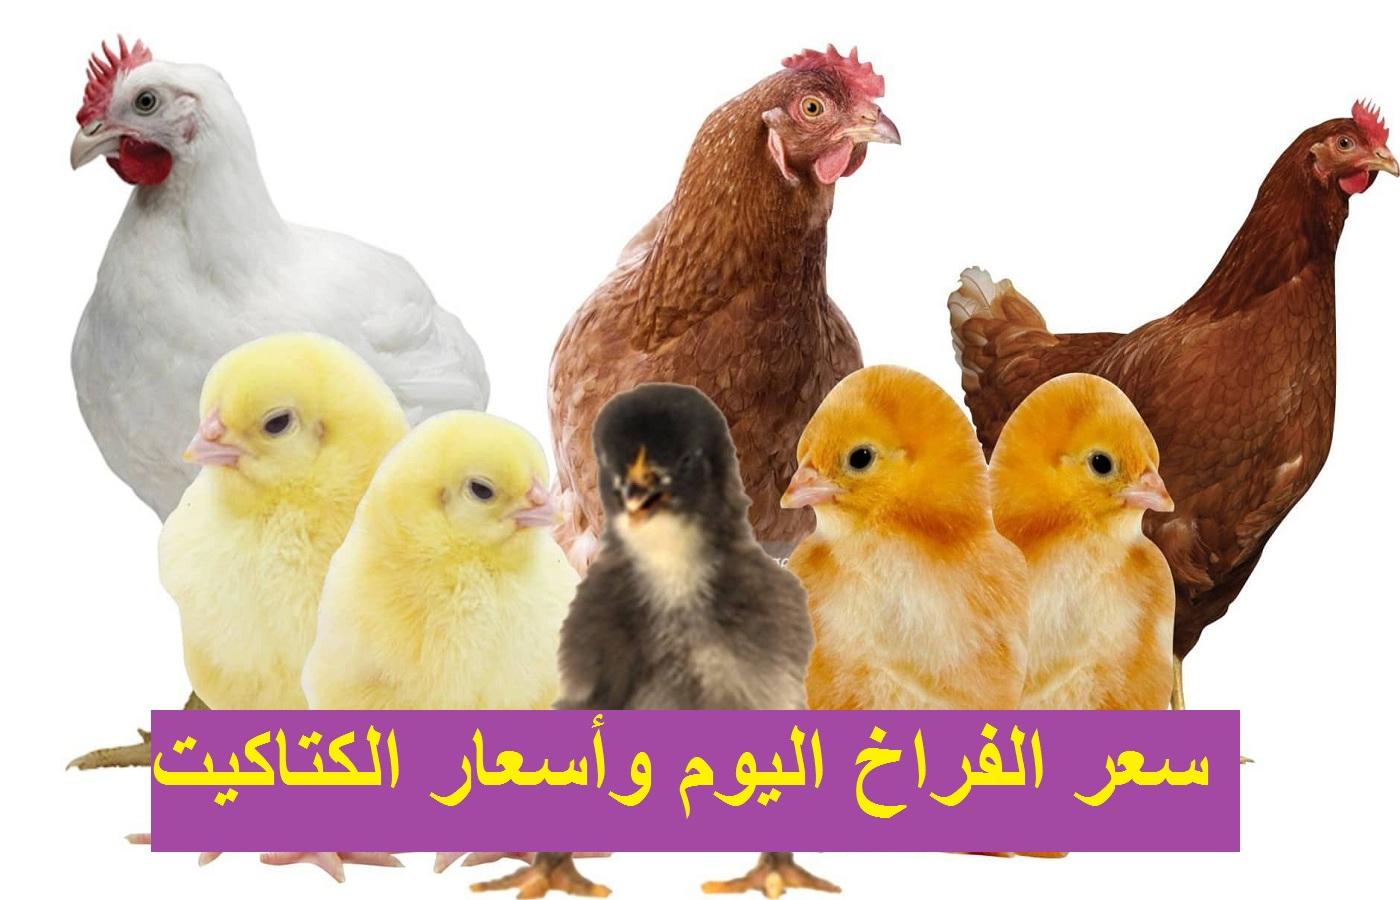 بورصة الدواجن اليوم أول أيام العيد.. سعر الفراخ والكتاكيت الثلاثاء 20 يوليو 2